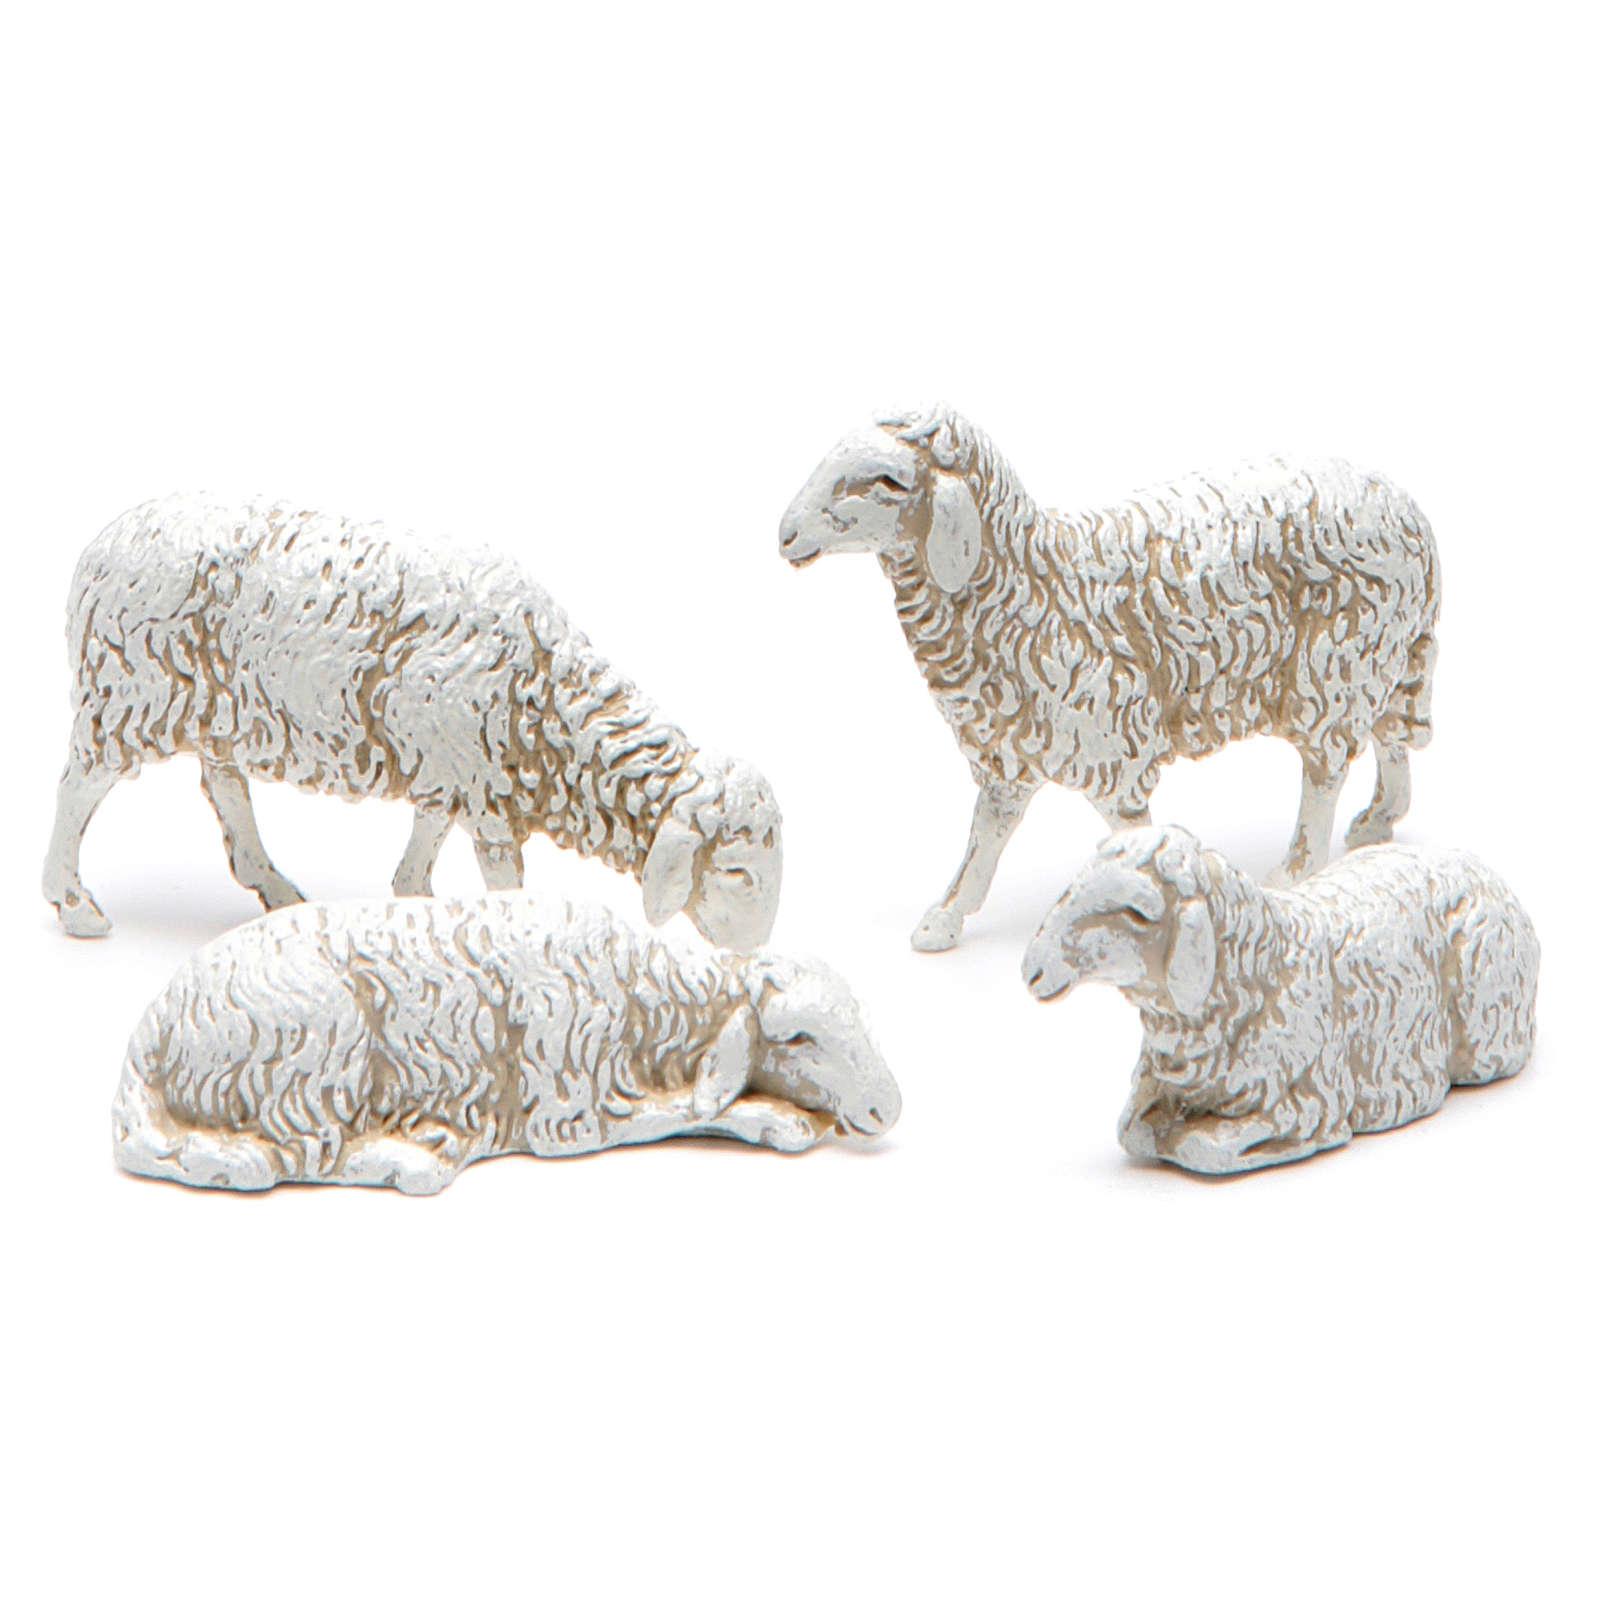 Mixed Sheeps 10cm Moranduzzo Nativity 12 pcs 4